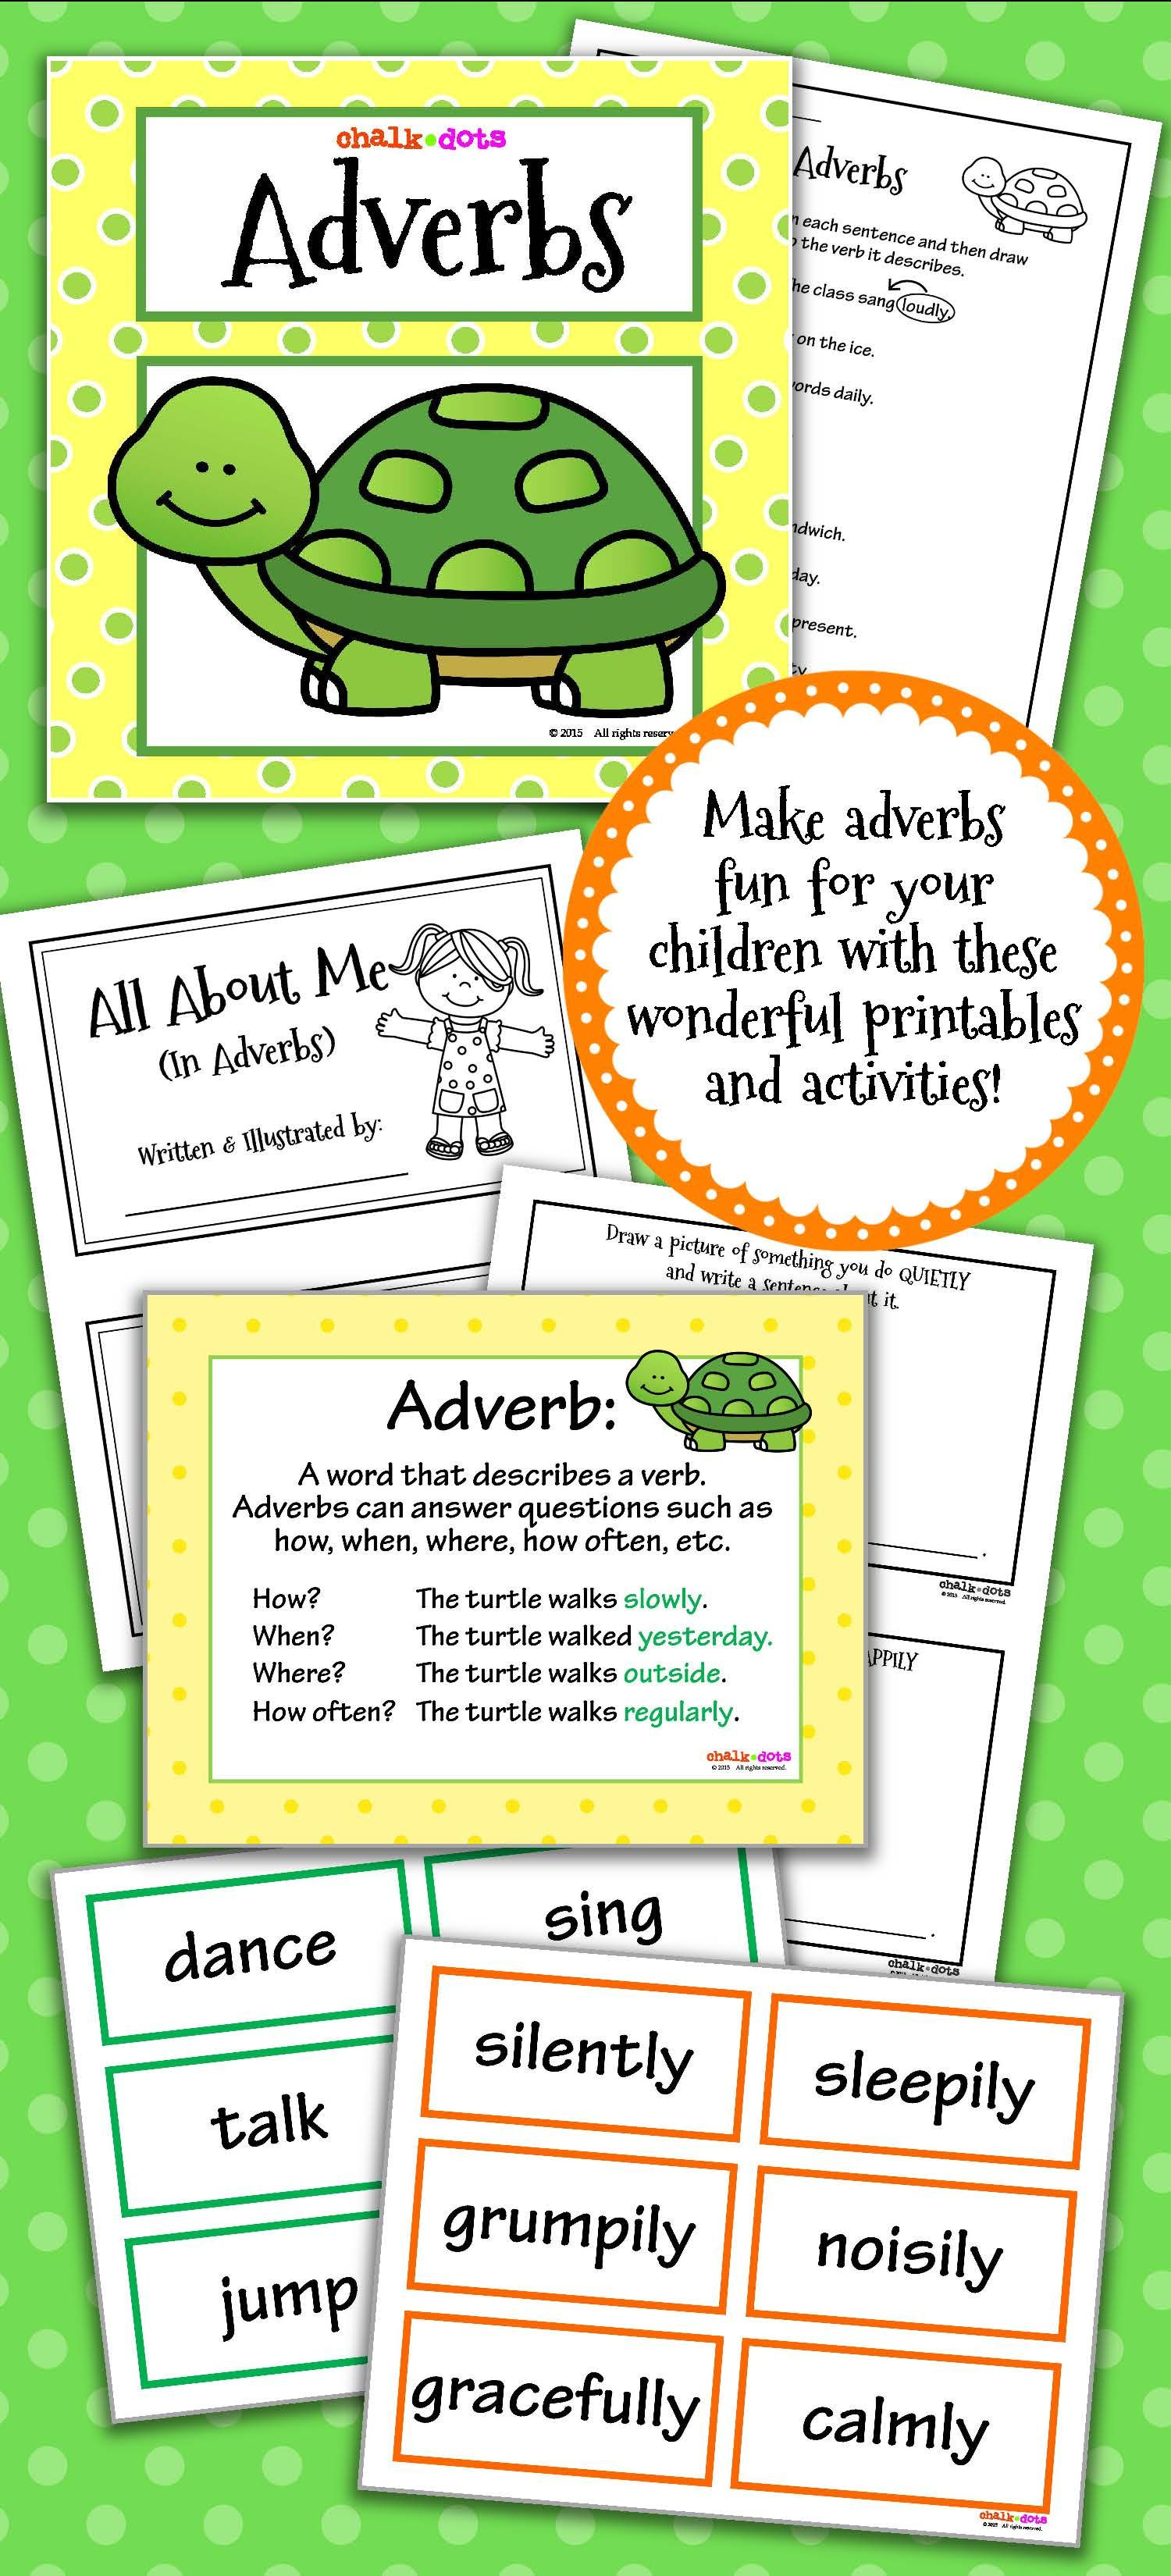 Adverbs Teaching Ideas